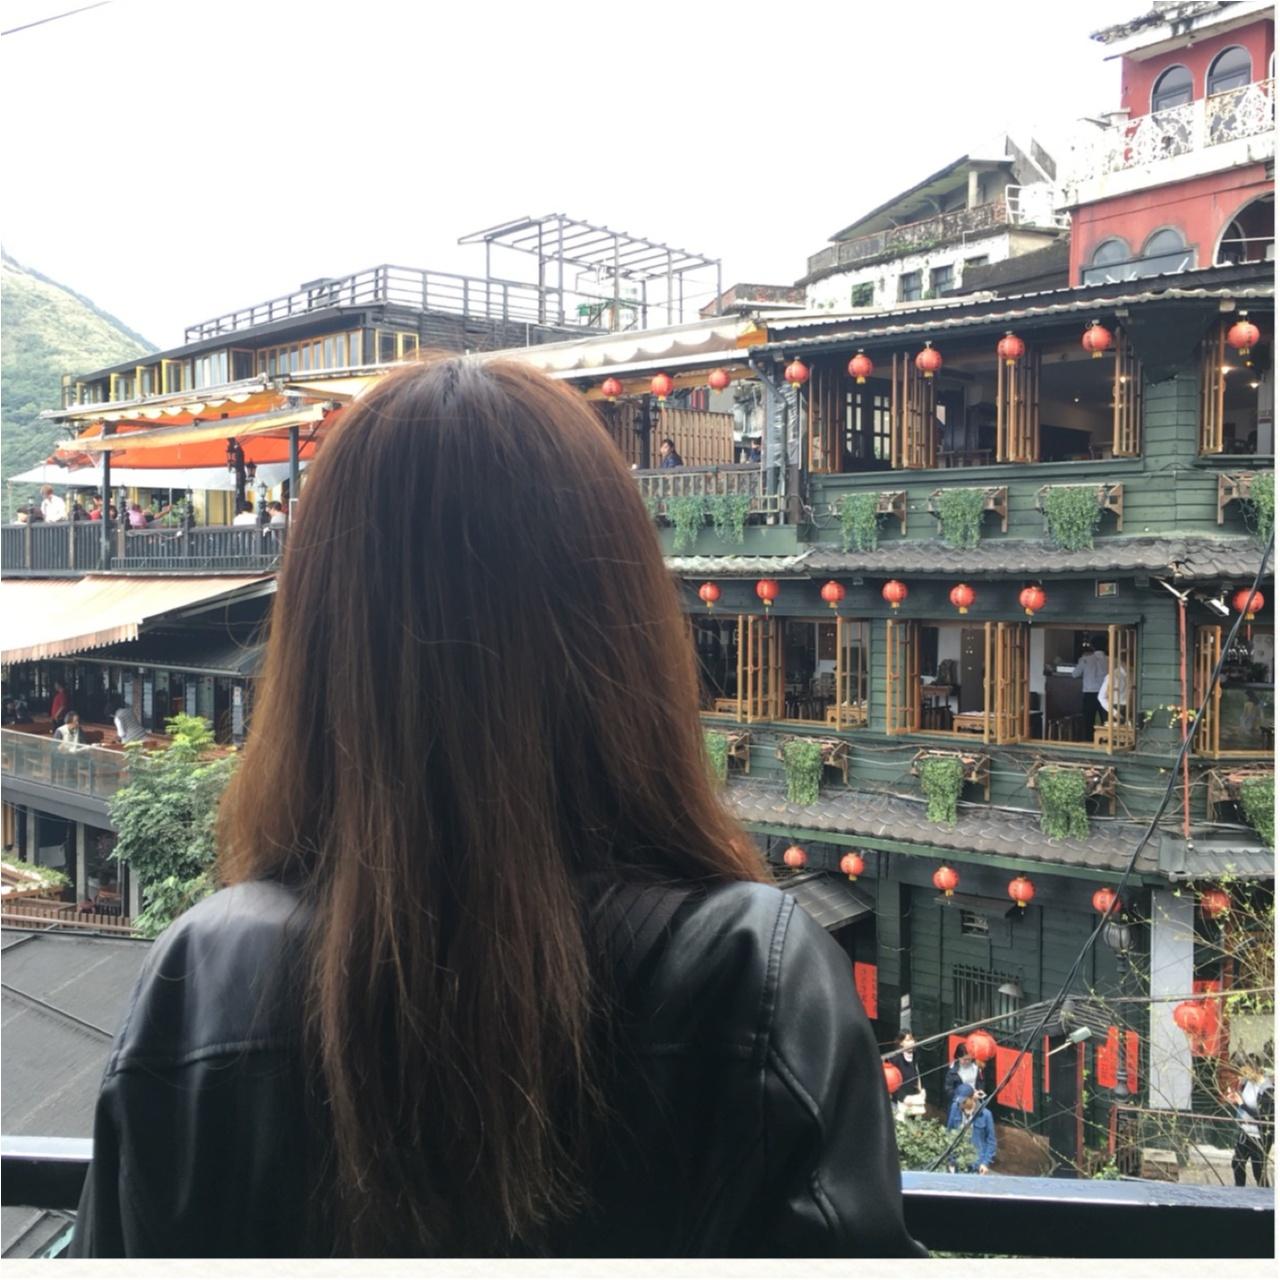 ≪台湾旅行≫まるでジブリの世界のなか♡台湾・九份へ行ってきました!♡_4